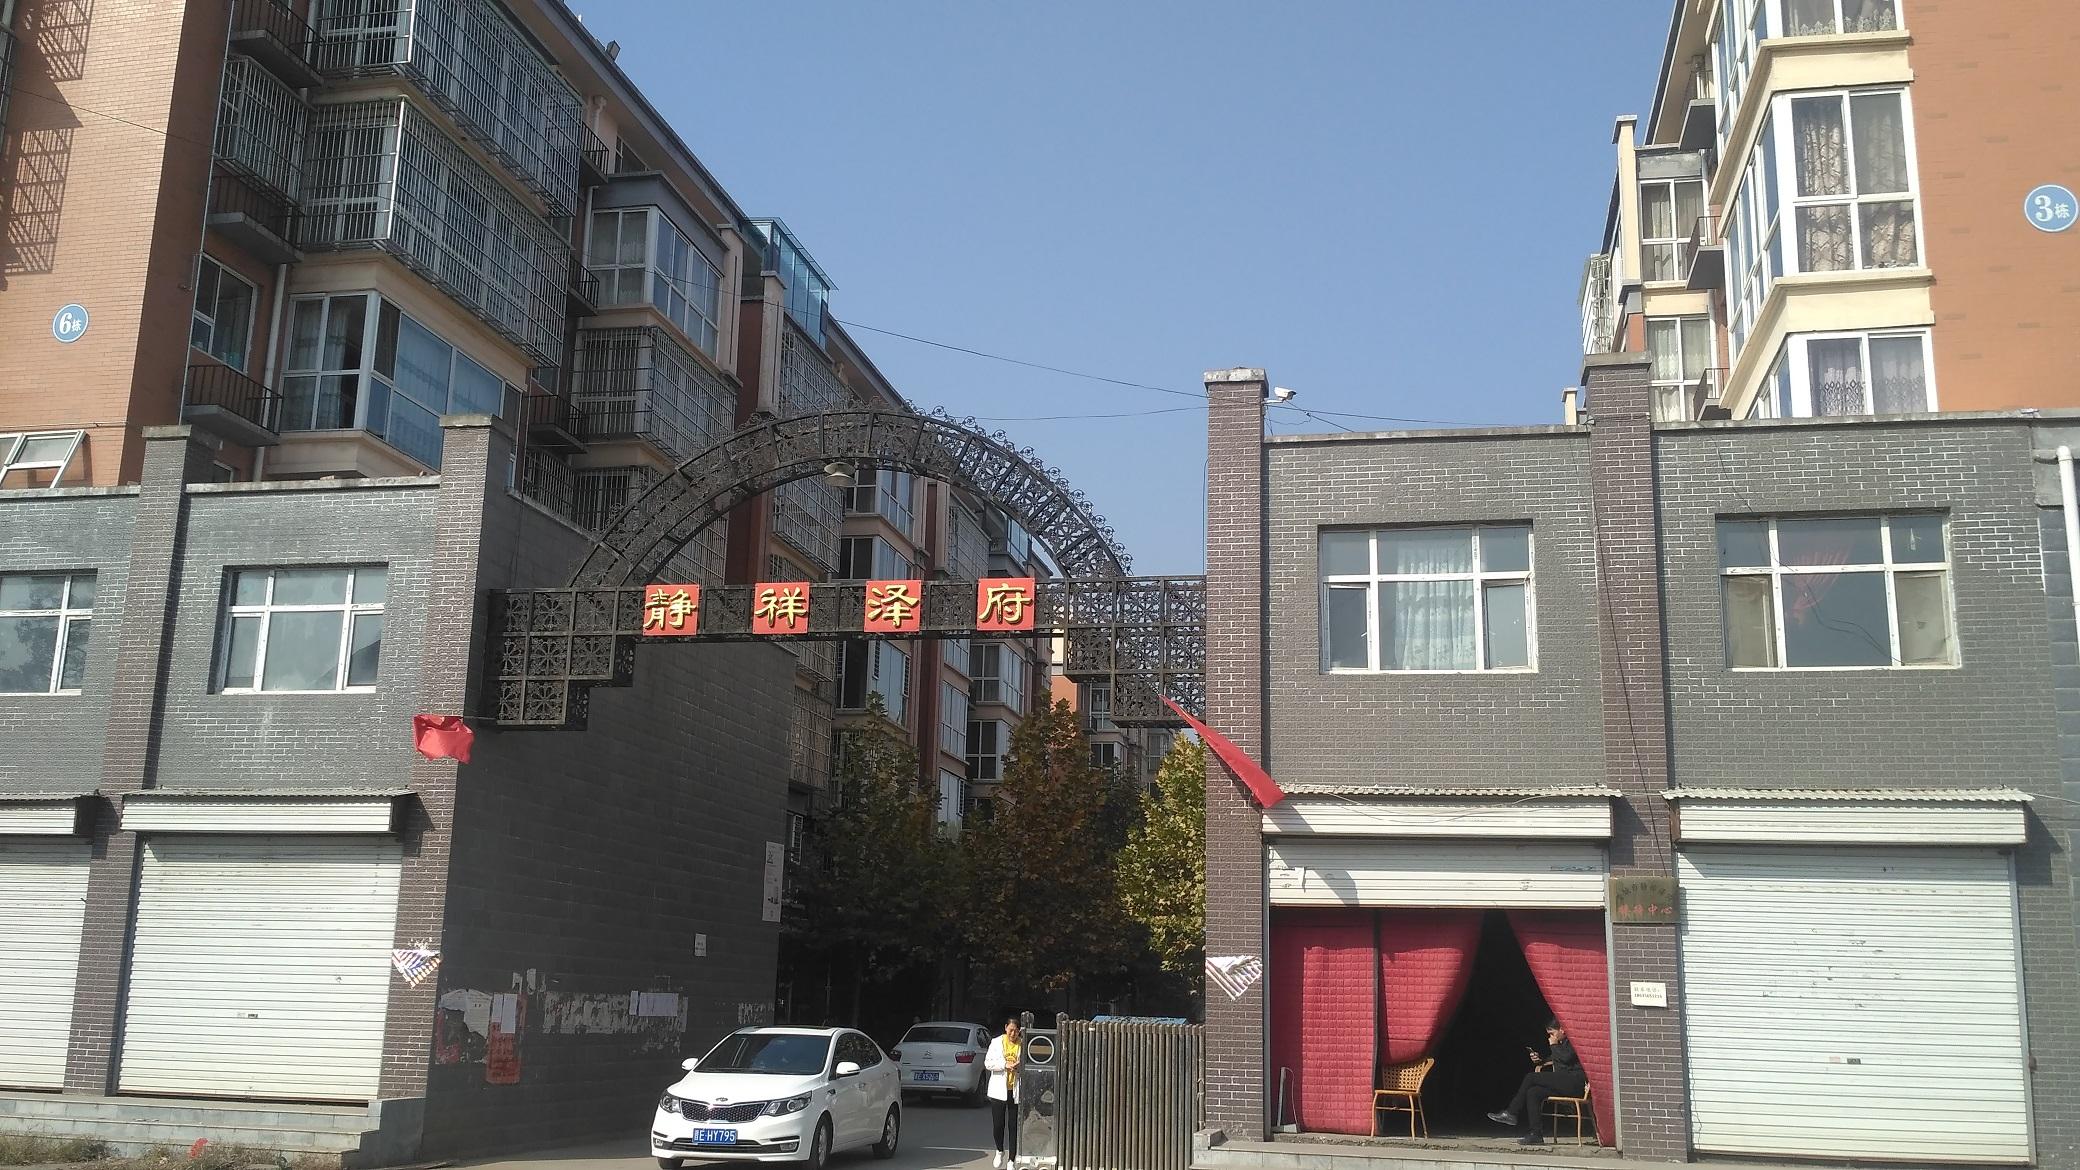 泽州县大东沟镇静祥泽府小区两室一厅一卫67平米住宅出租